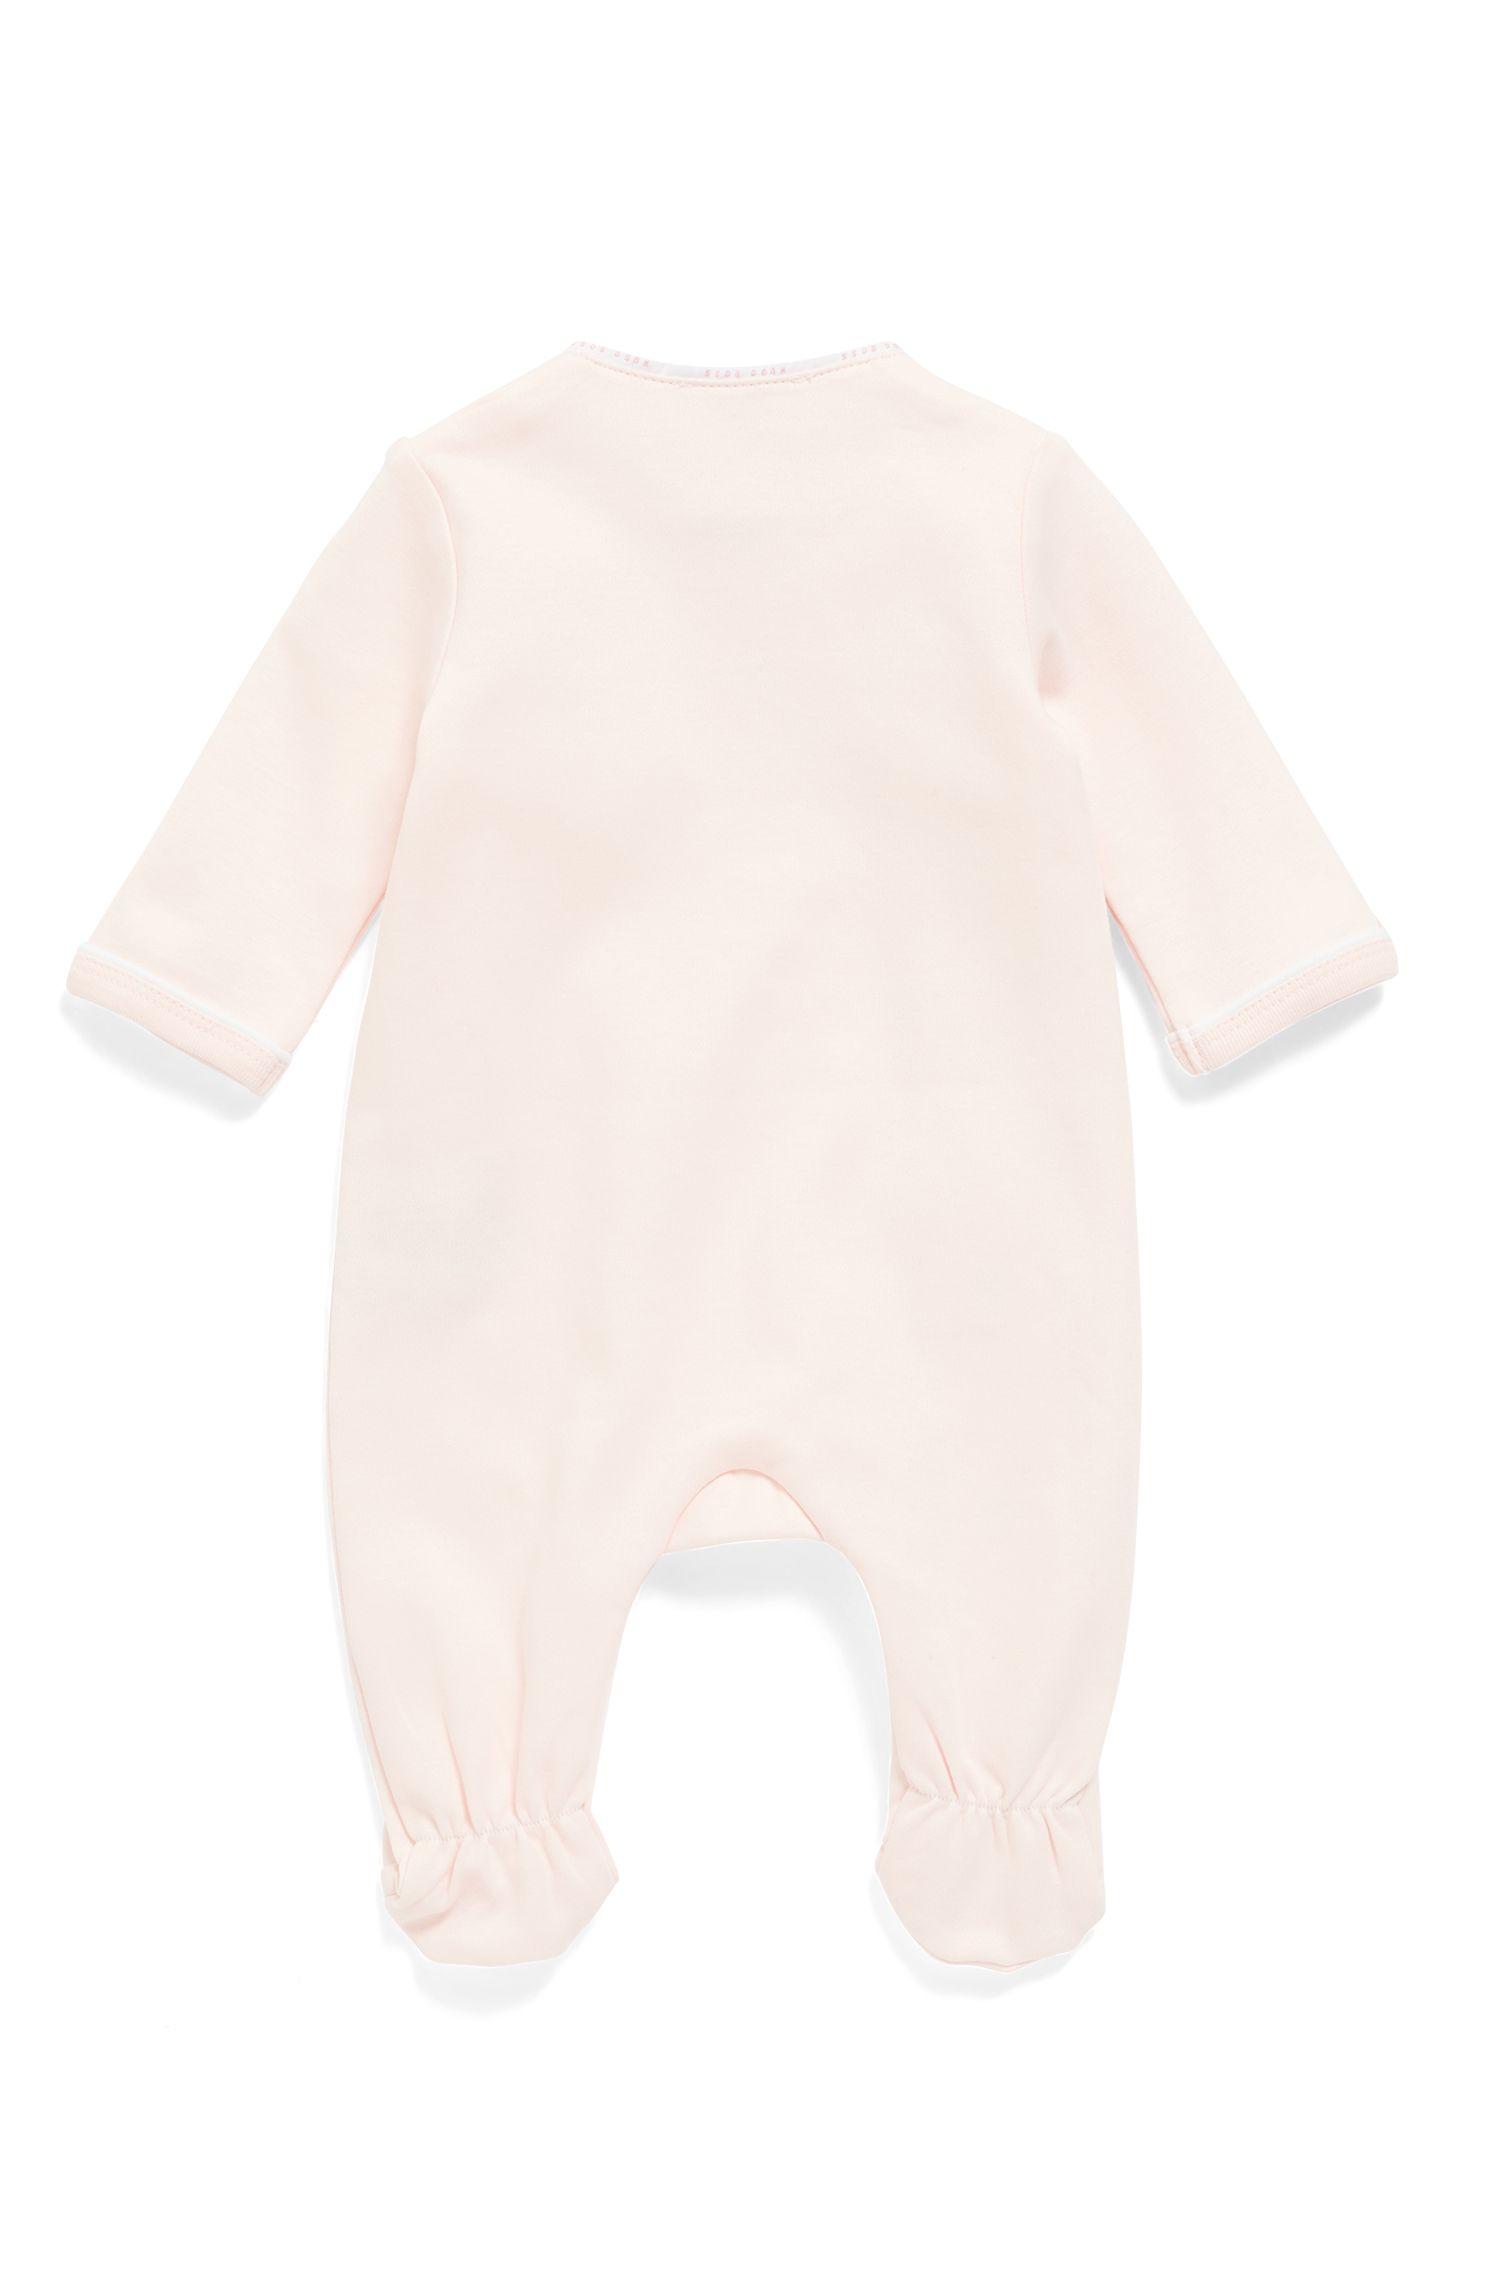 Traje de dormir de algodón para bebé con galones de logos en las costuras, Rosa claro